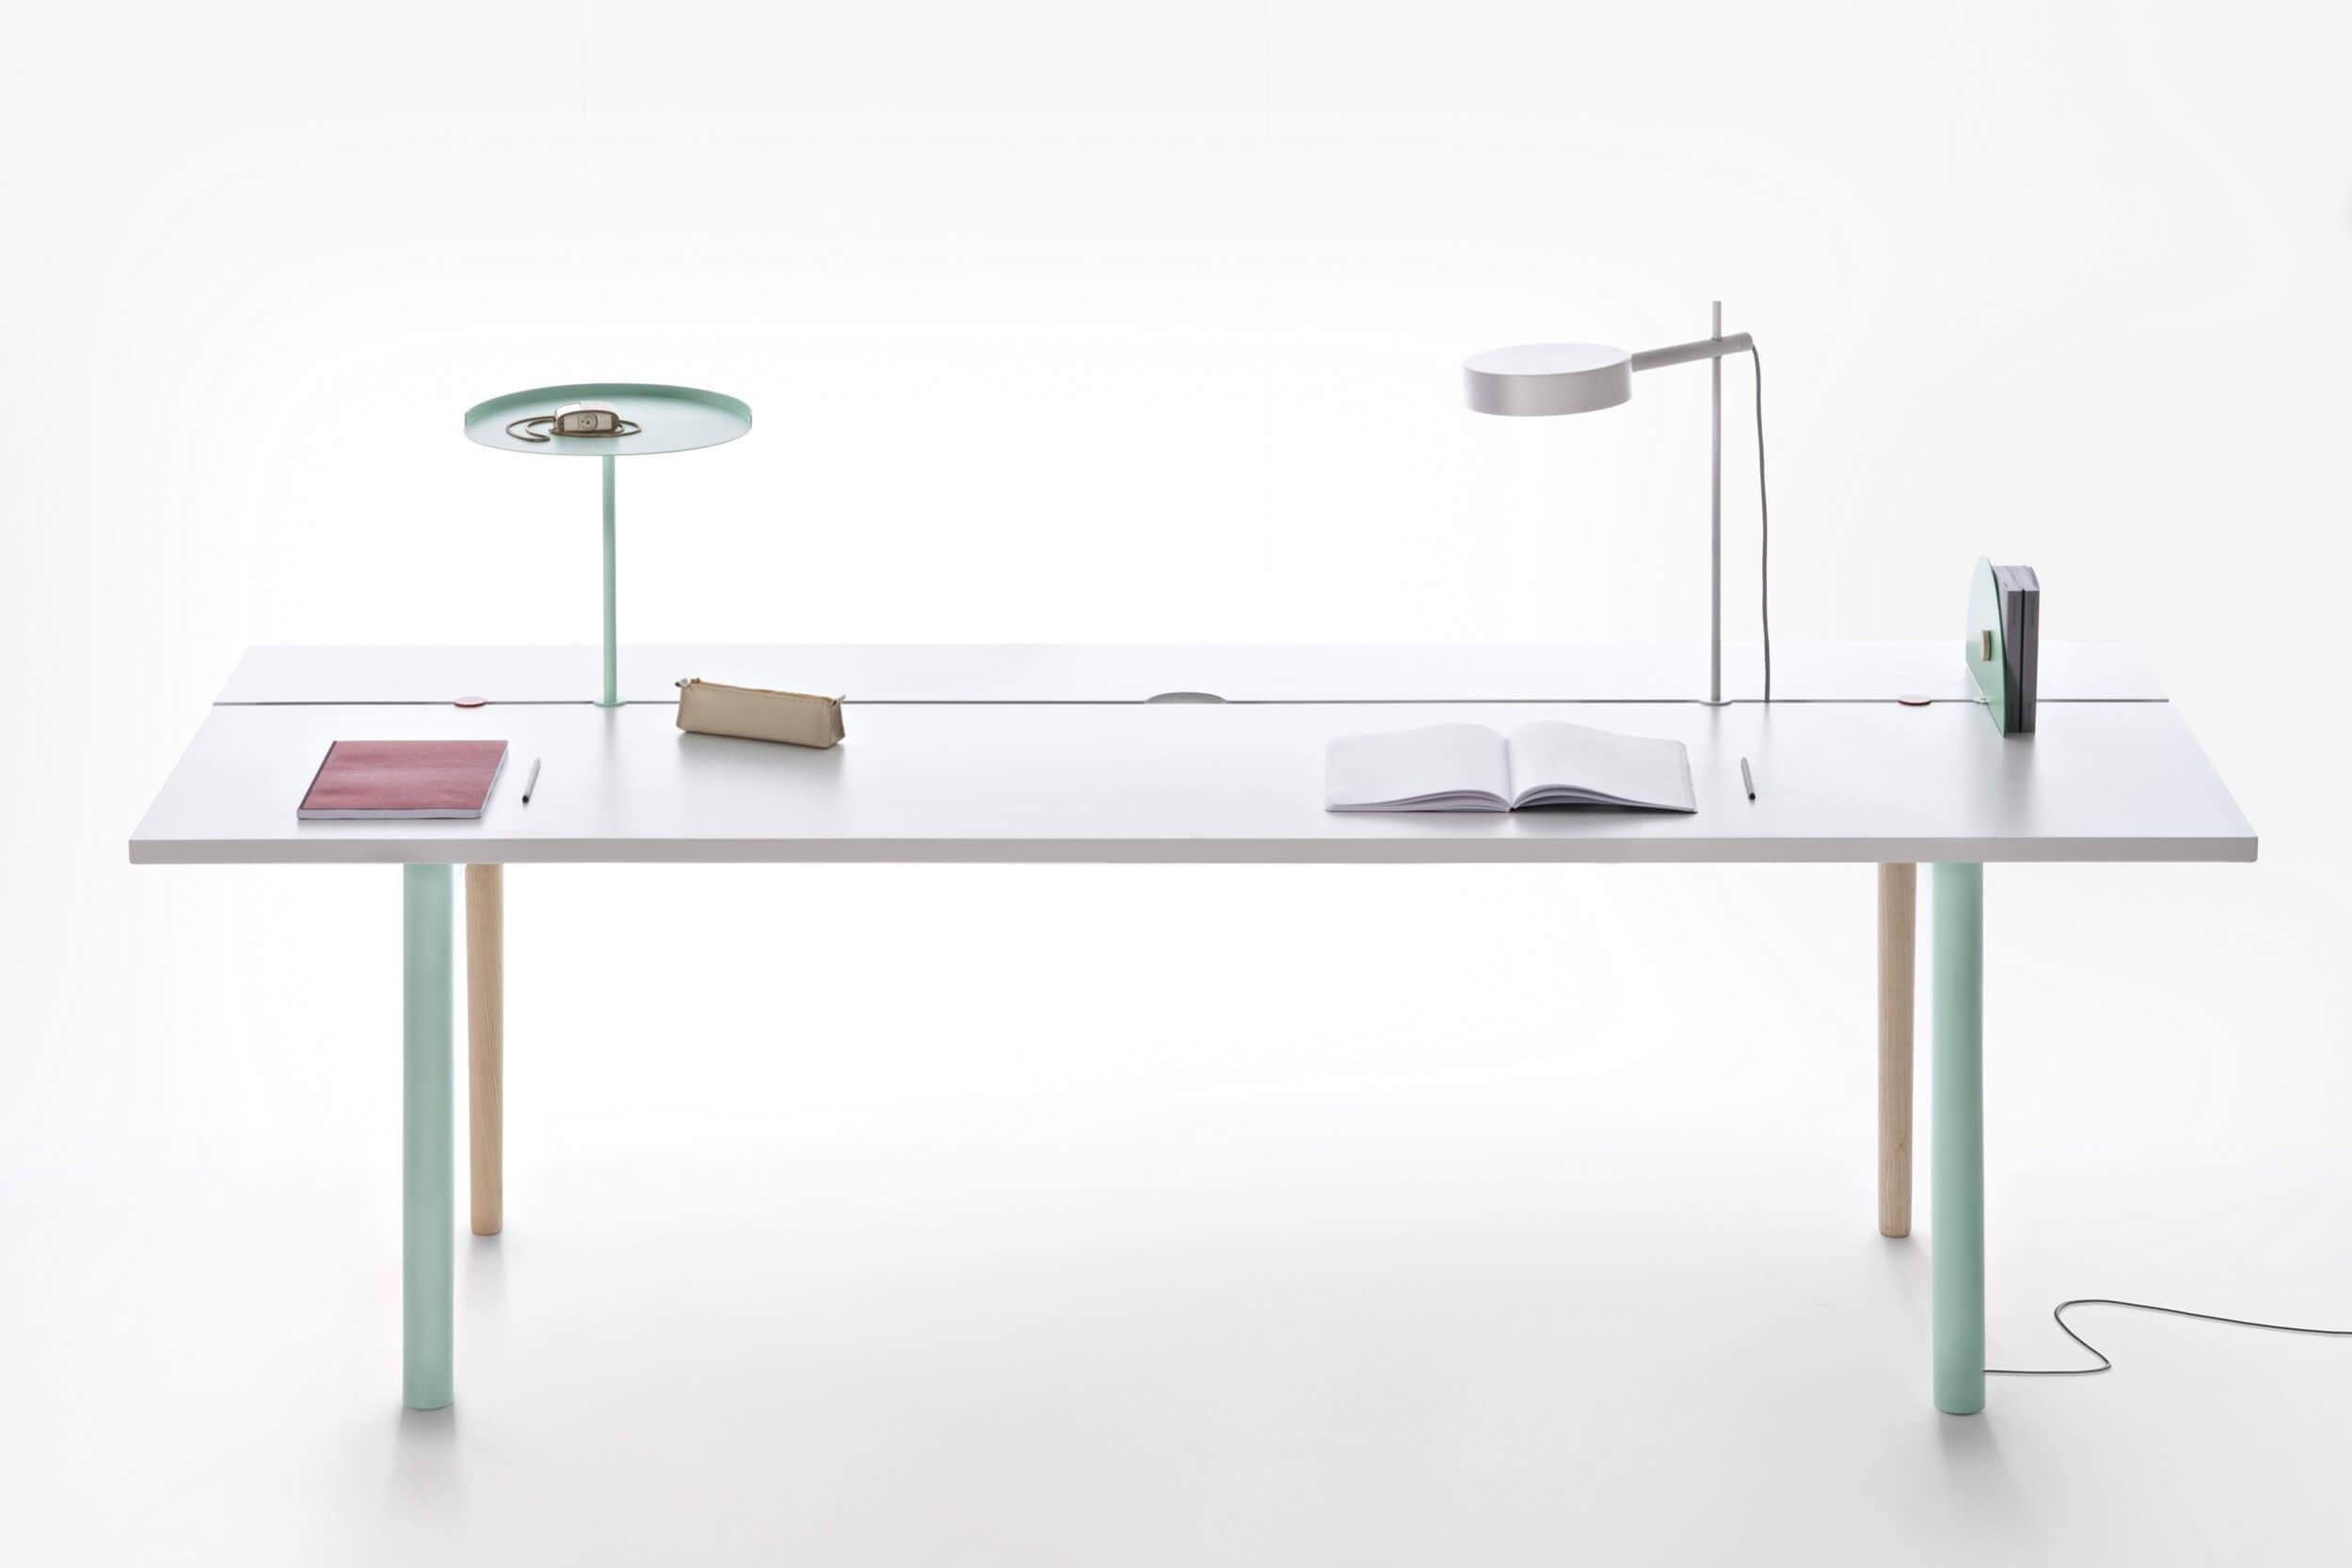 Table de réunion blanche avec connectiques